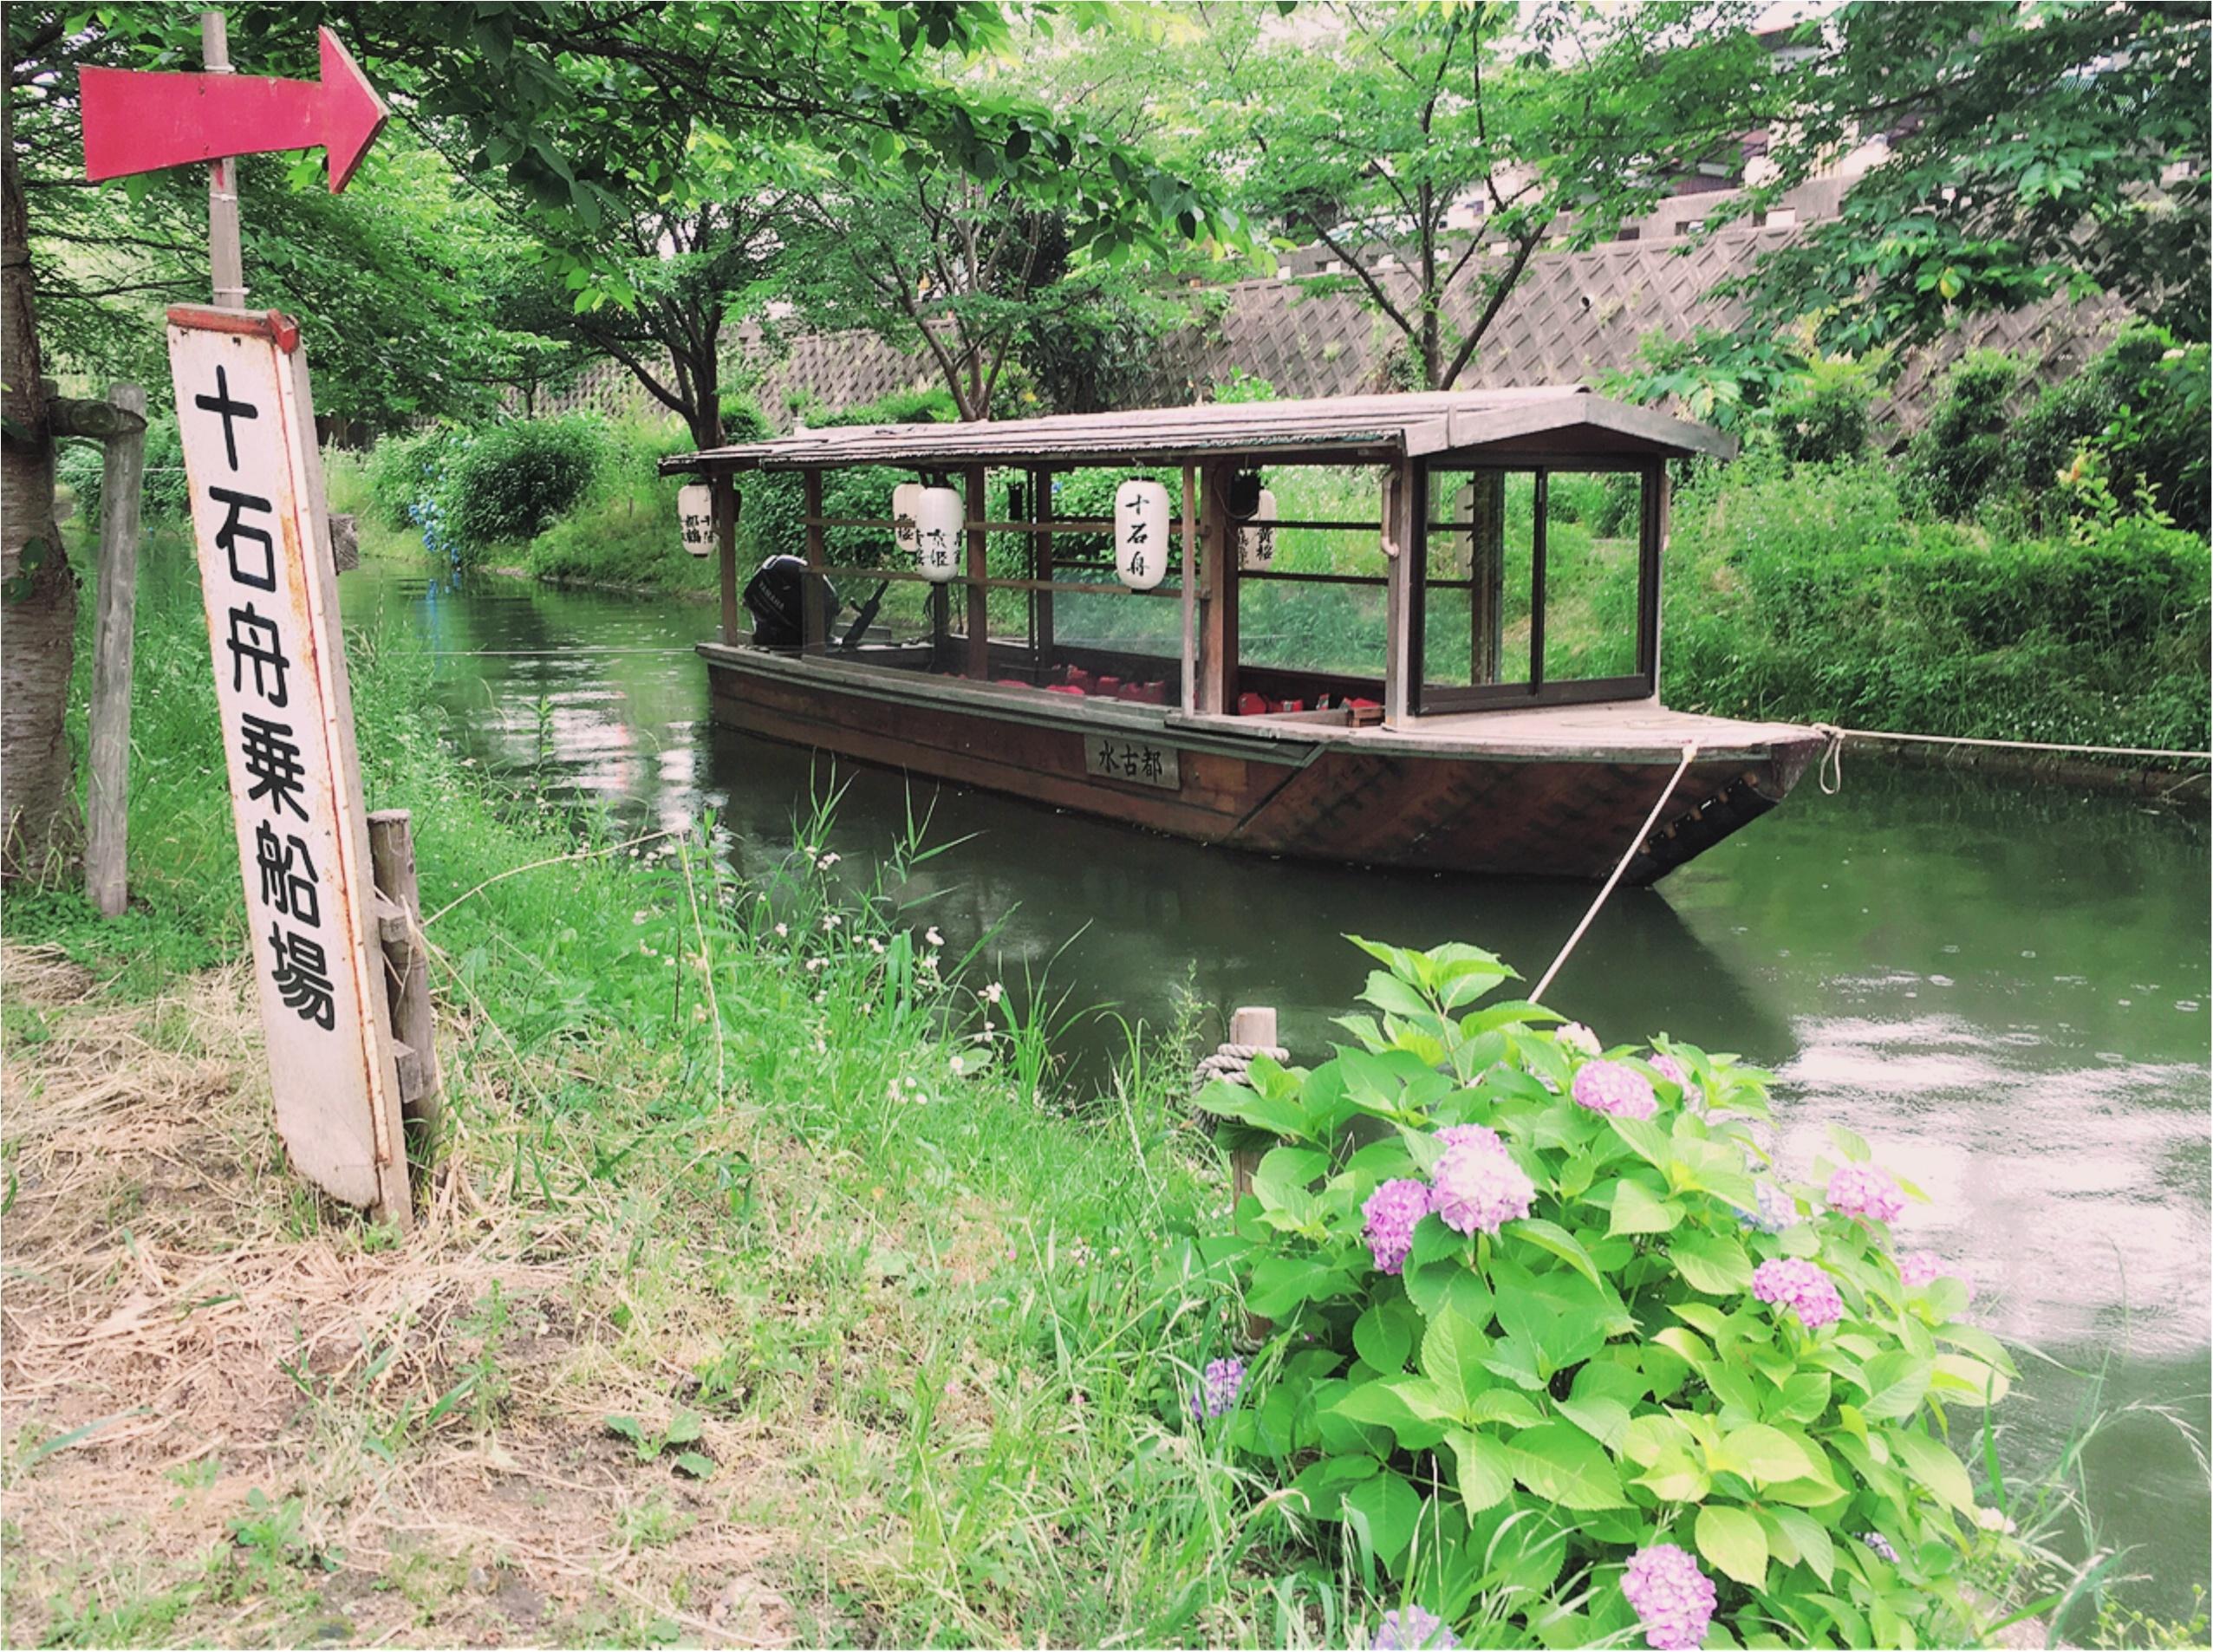 【京都TRIP✳︎】京都に来たなら絶対行くべし!伏見十石舟でゆらゆら♪まったりデート♡_2